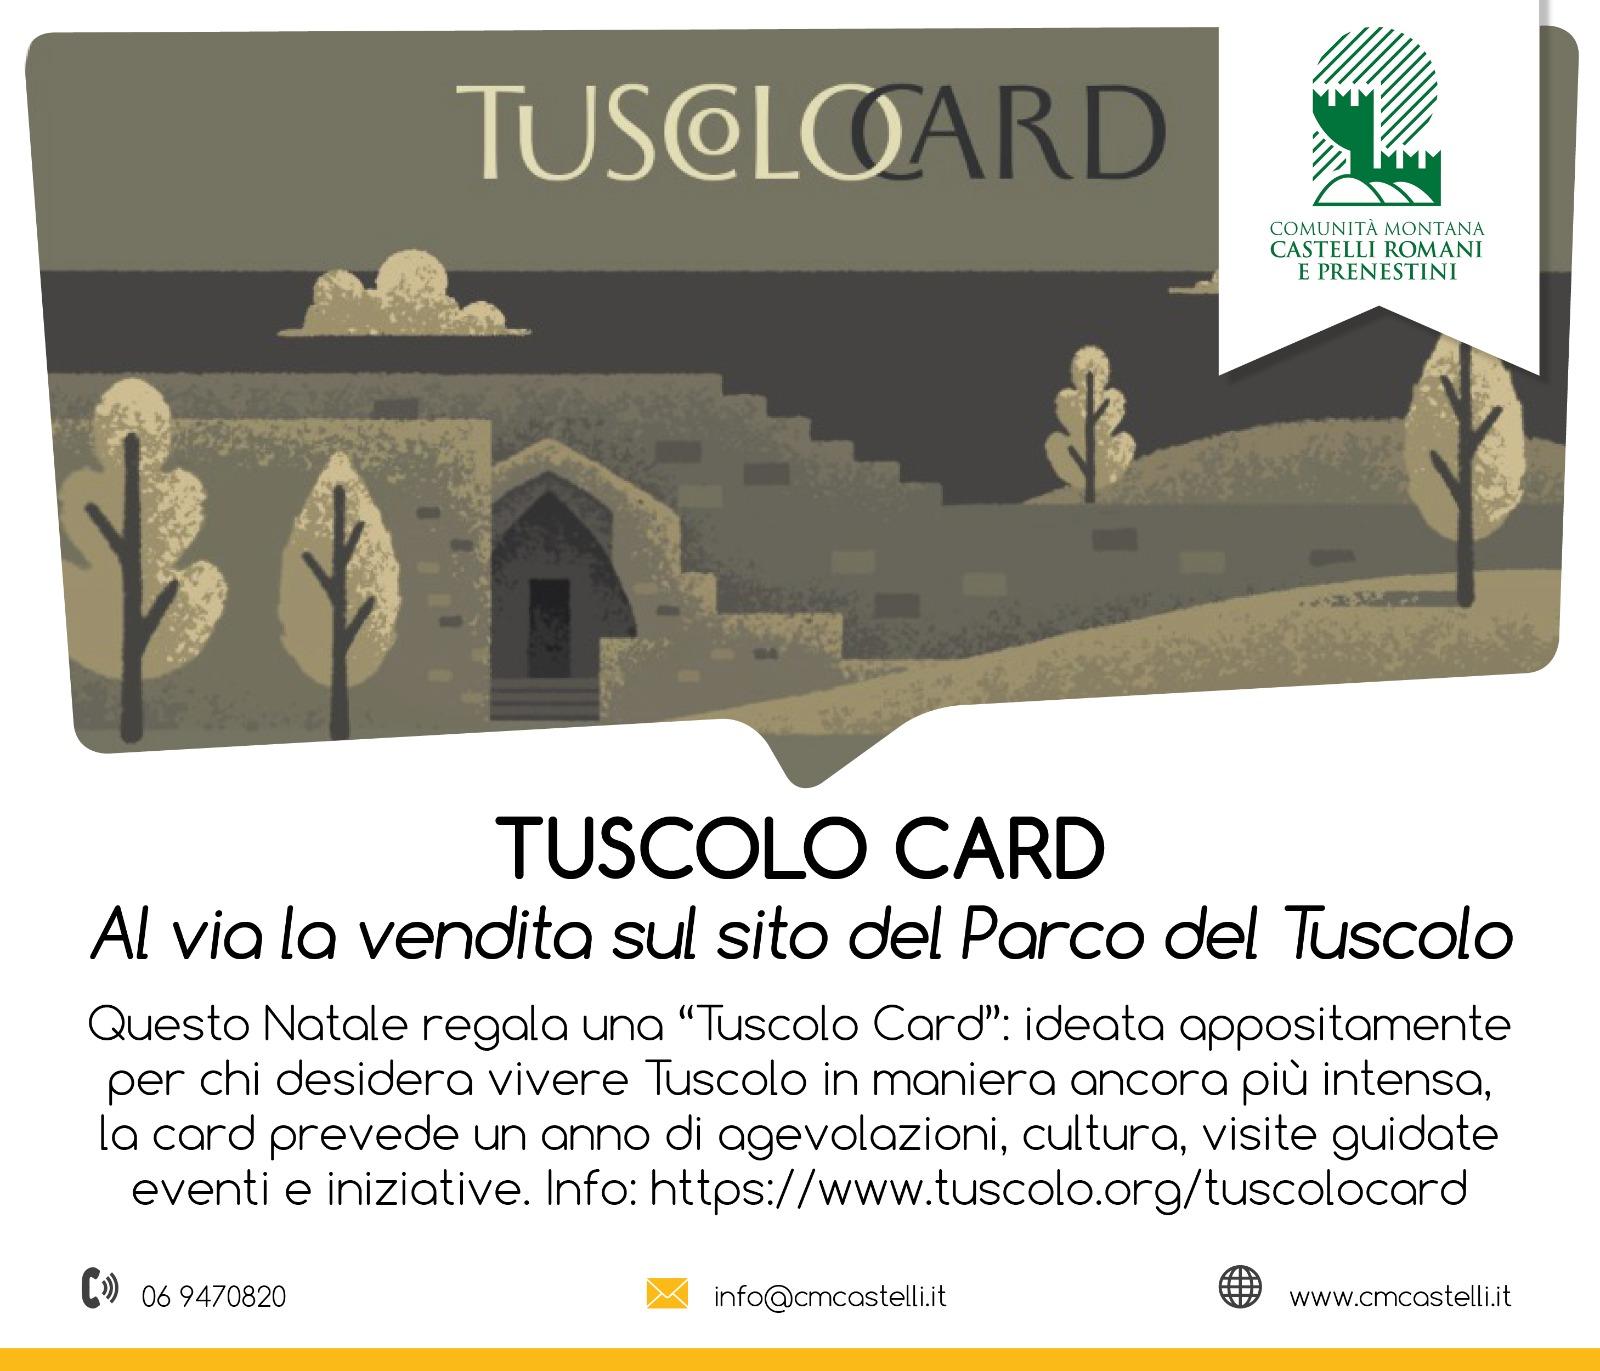 A NATALE REGALA TUSCOLO, IN ARRIVO LA NUOVA CARD